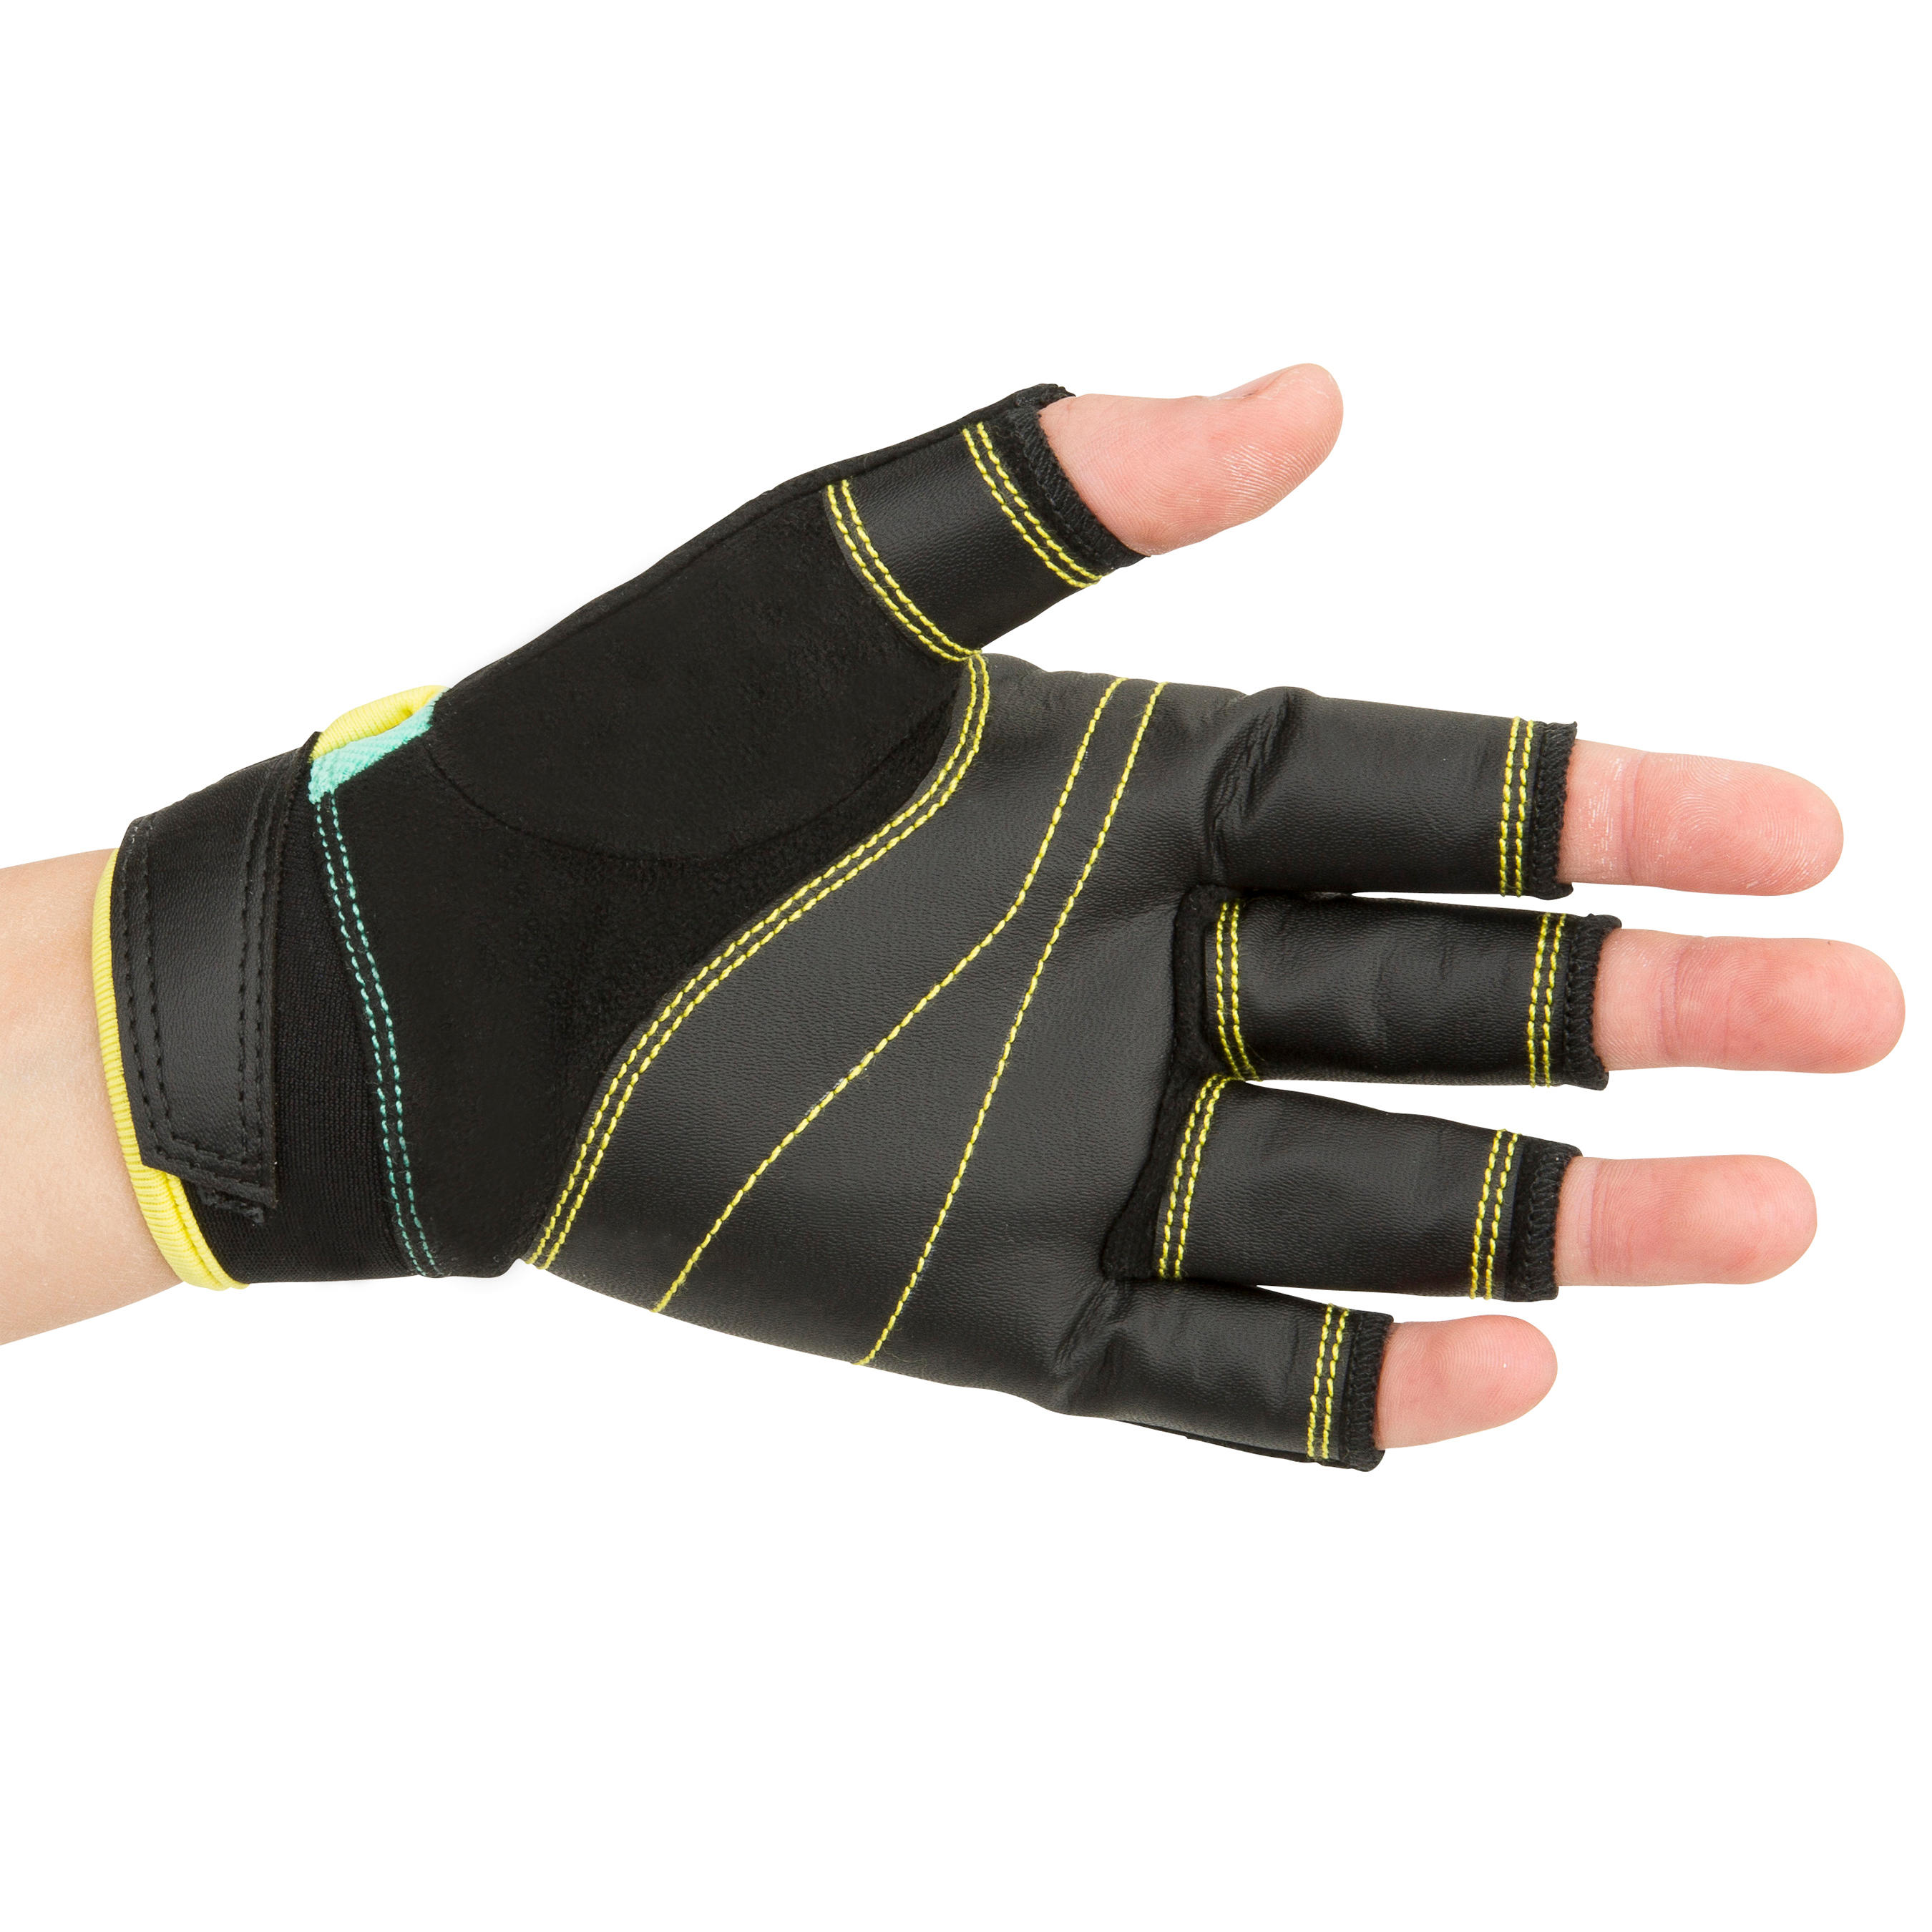 500 Kids' Sailing Fingerless Gloves - Green/Black